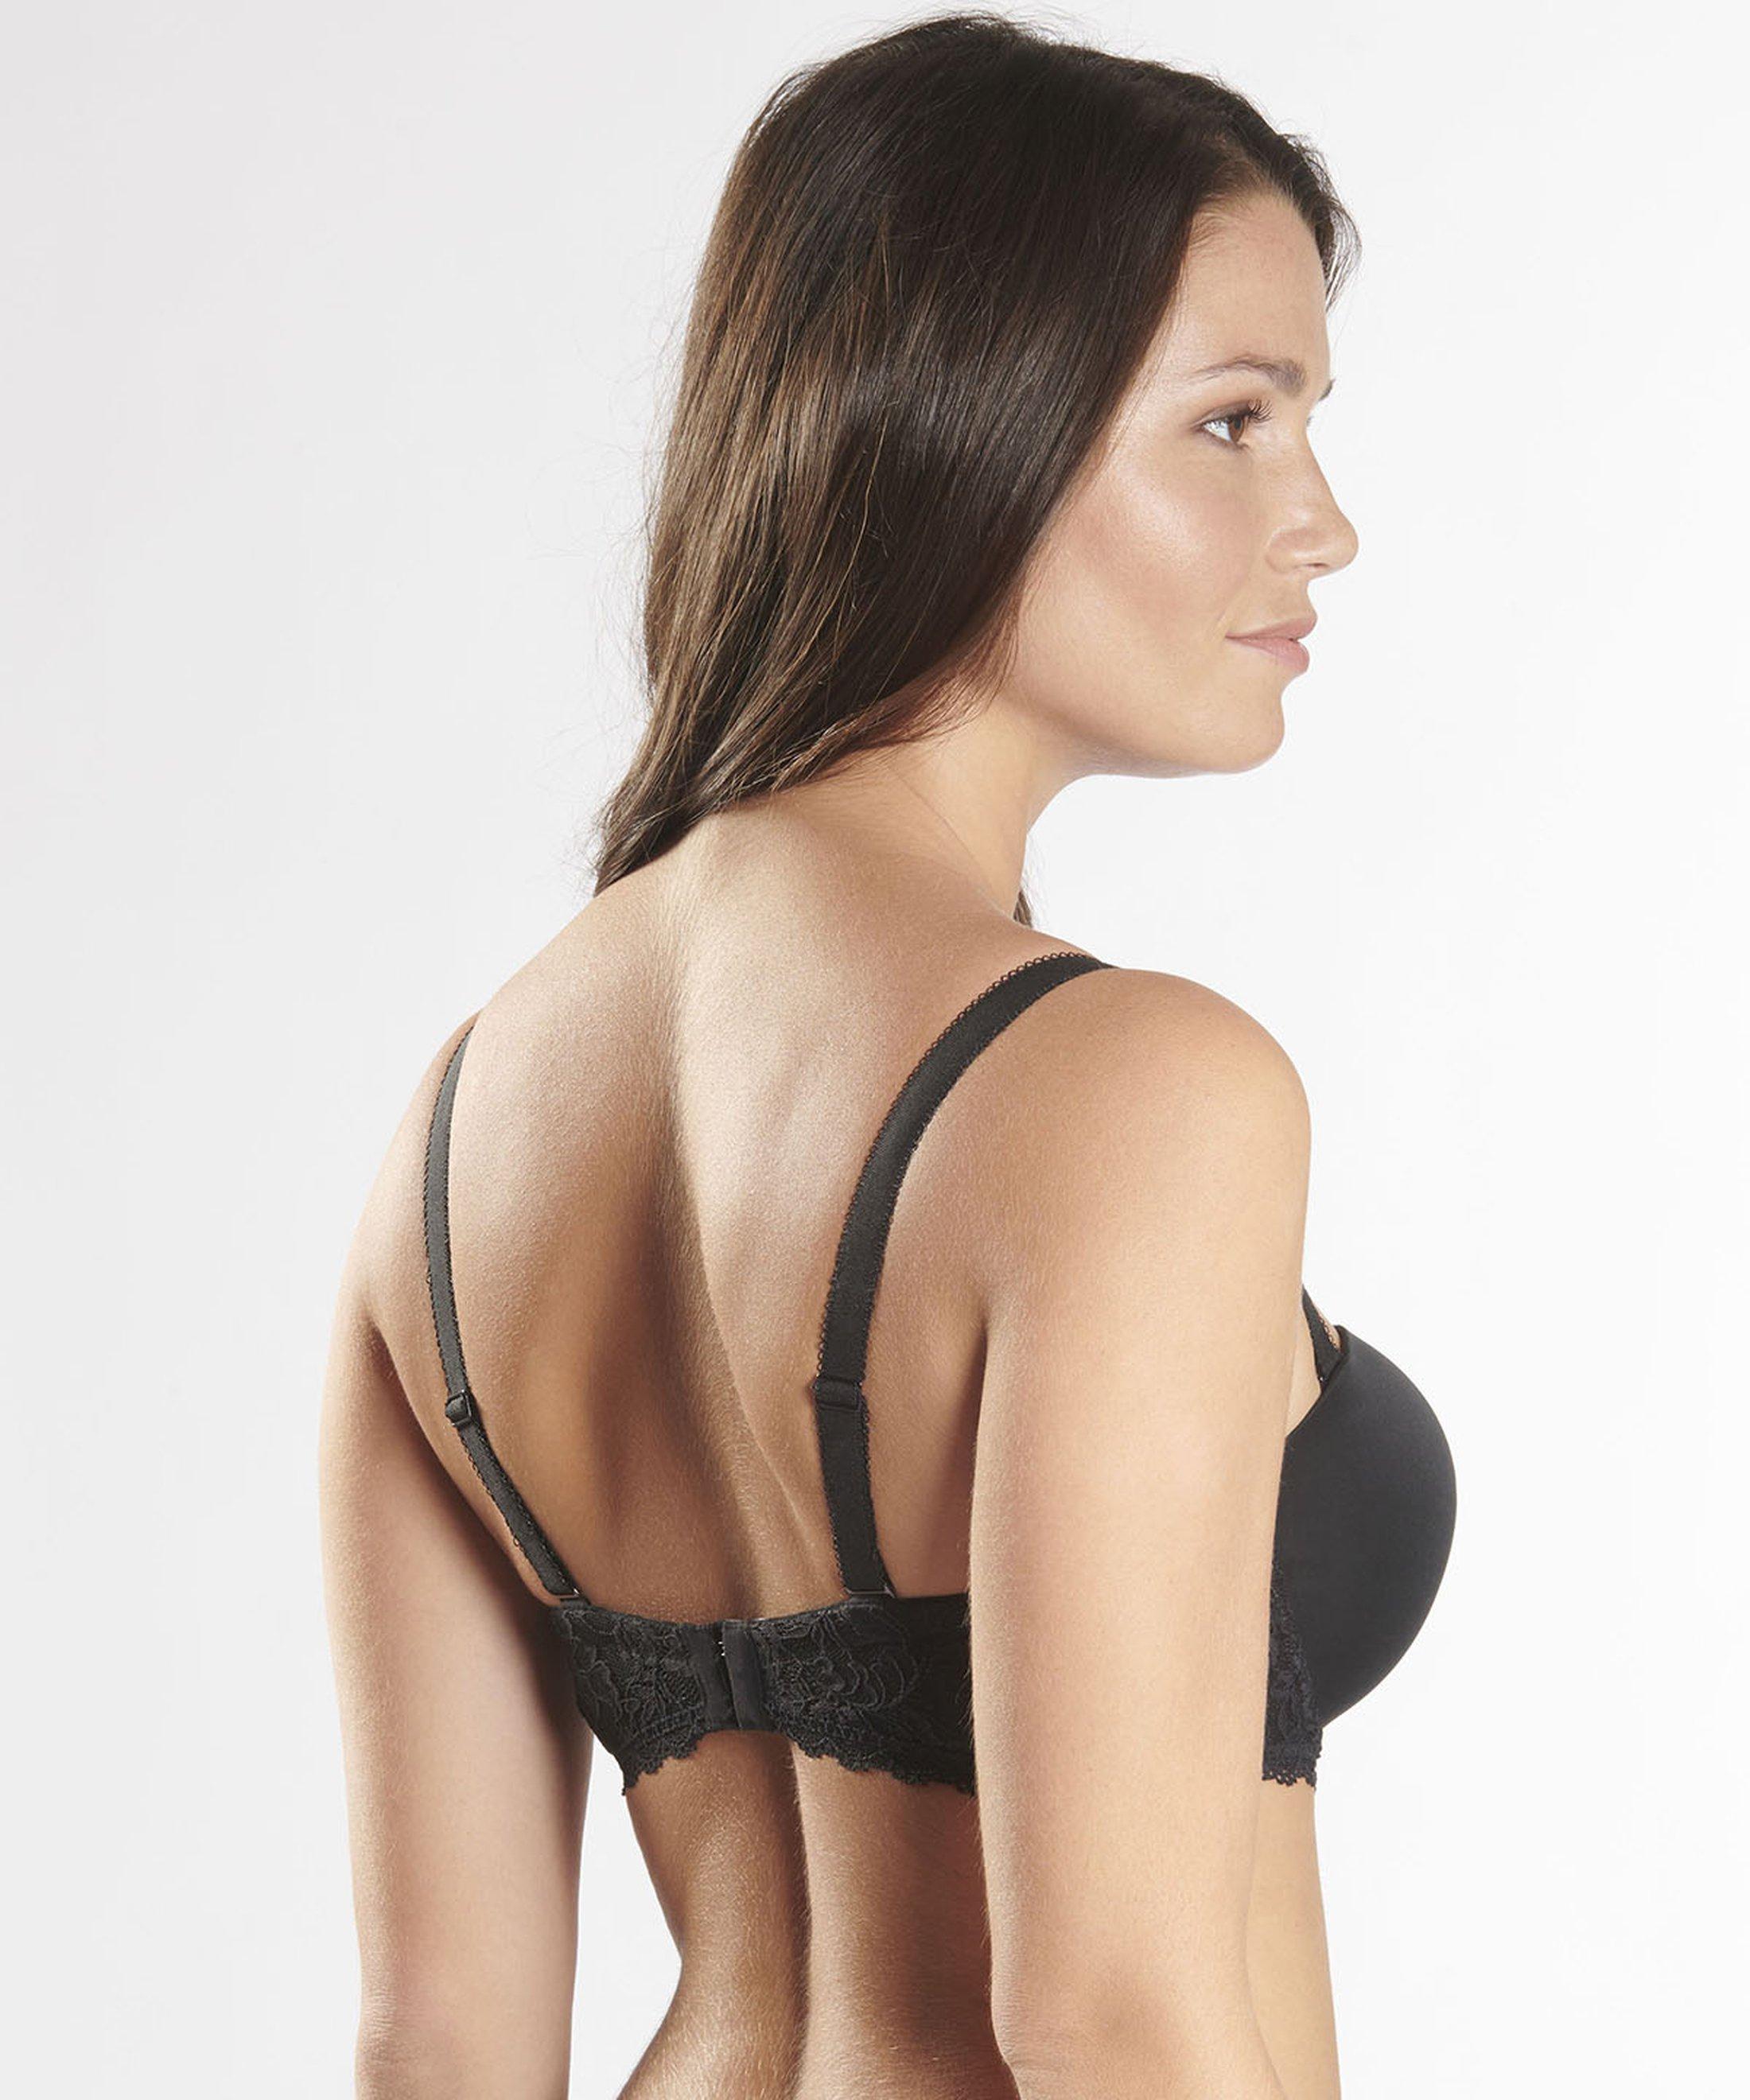 LYSESSENCE Soutien-gorge bandeau coque confort Noir | Aubade